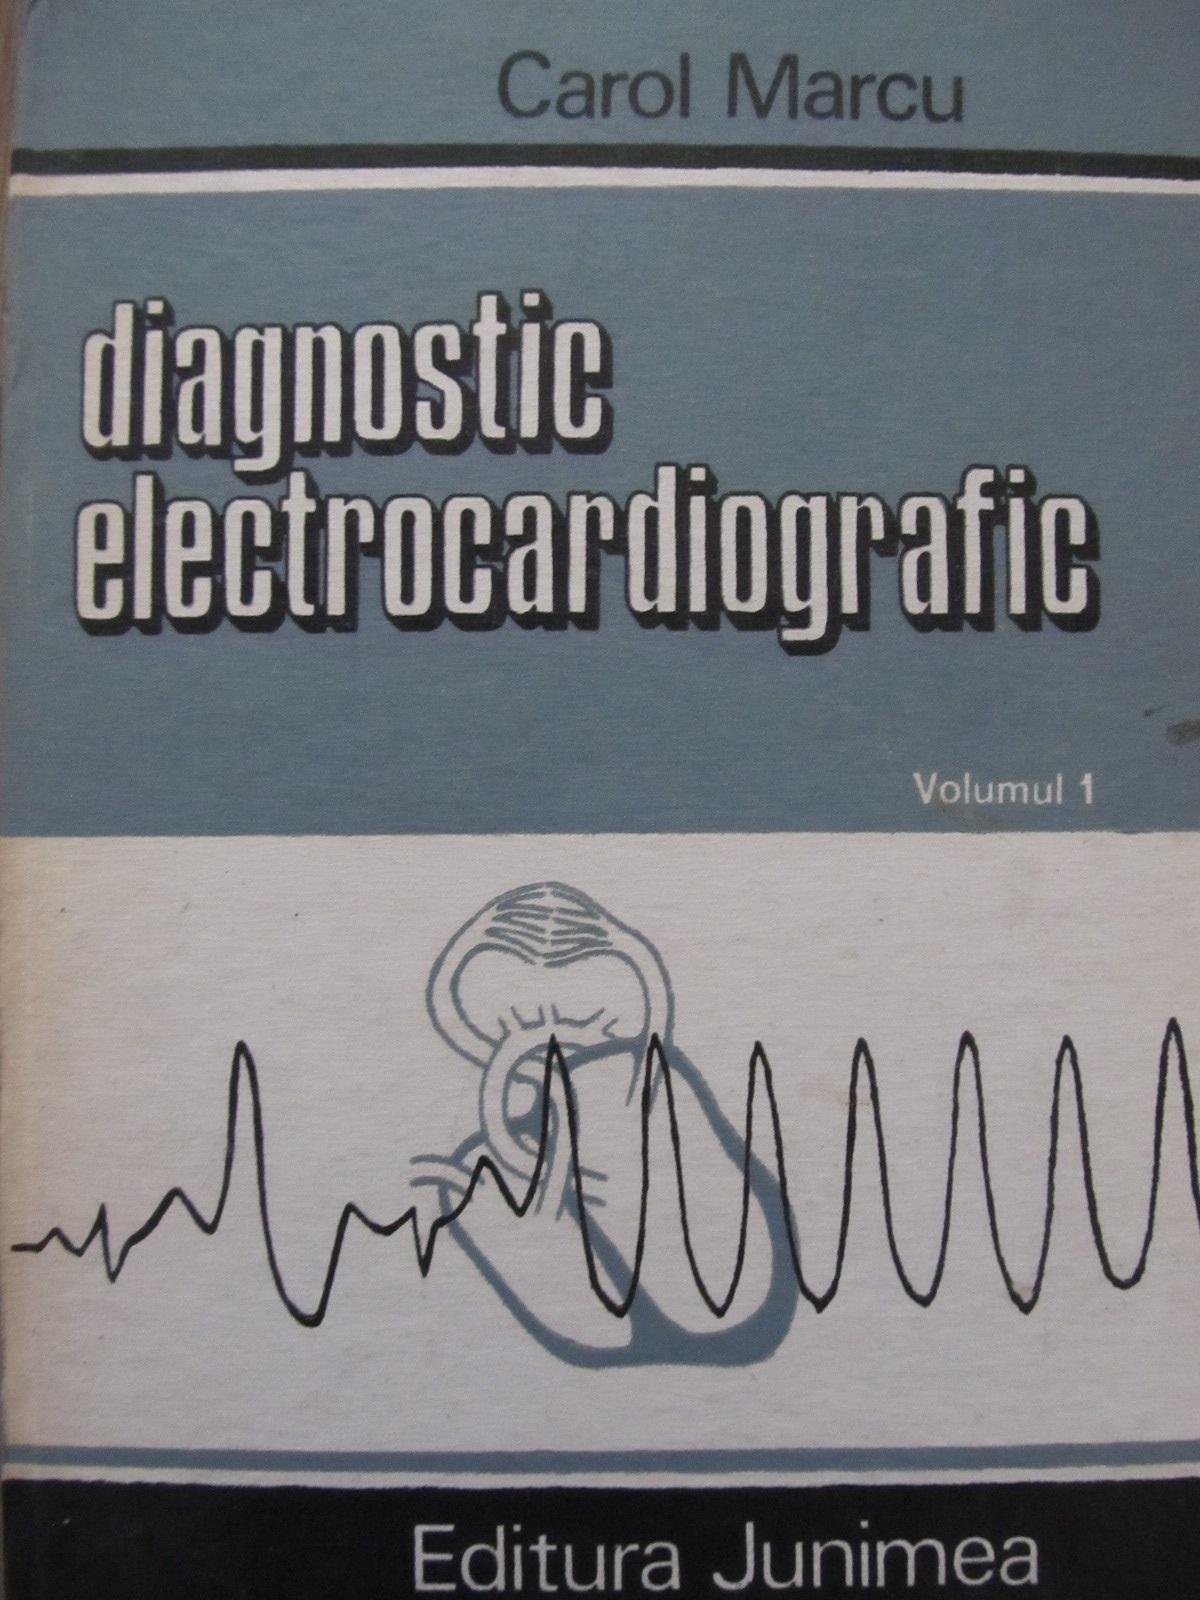 Diagnostic electrocardiografic (vol. 1) - Aritmiile cardiace [1] - Carol Marcu | Detalii carte